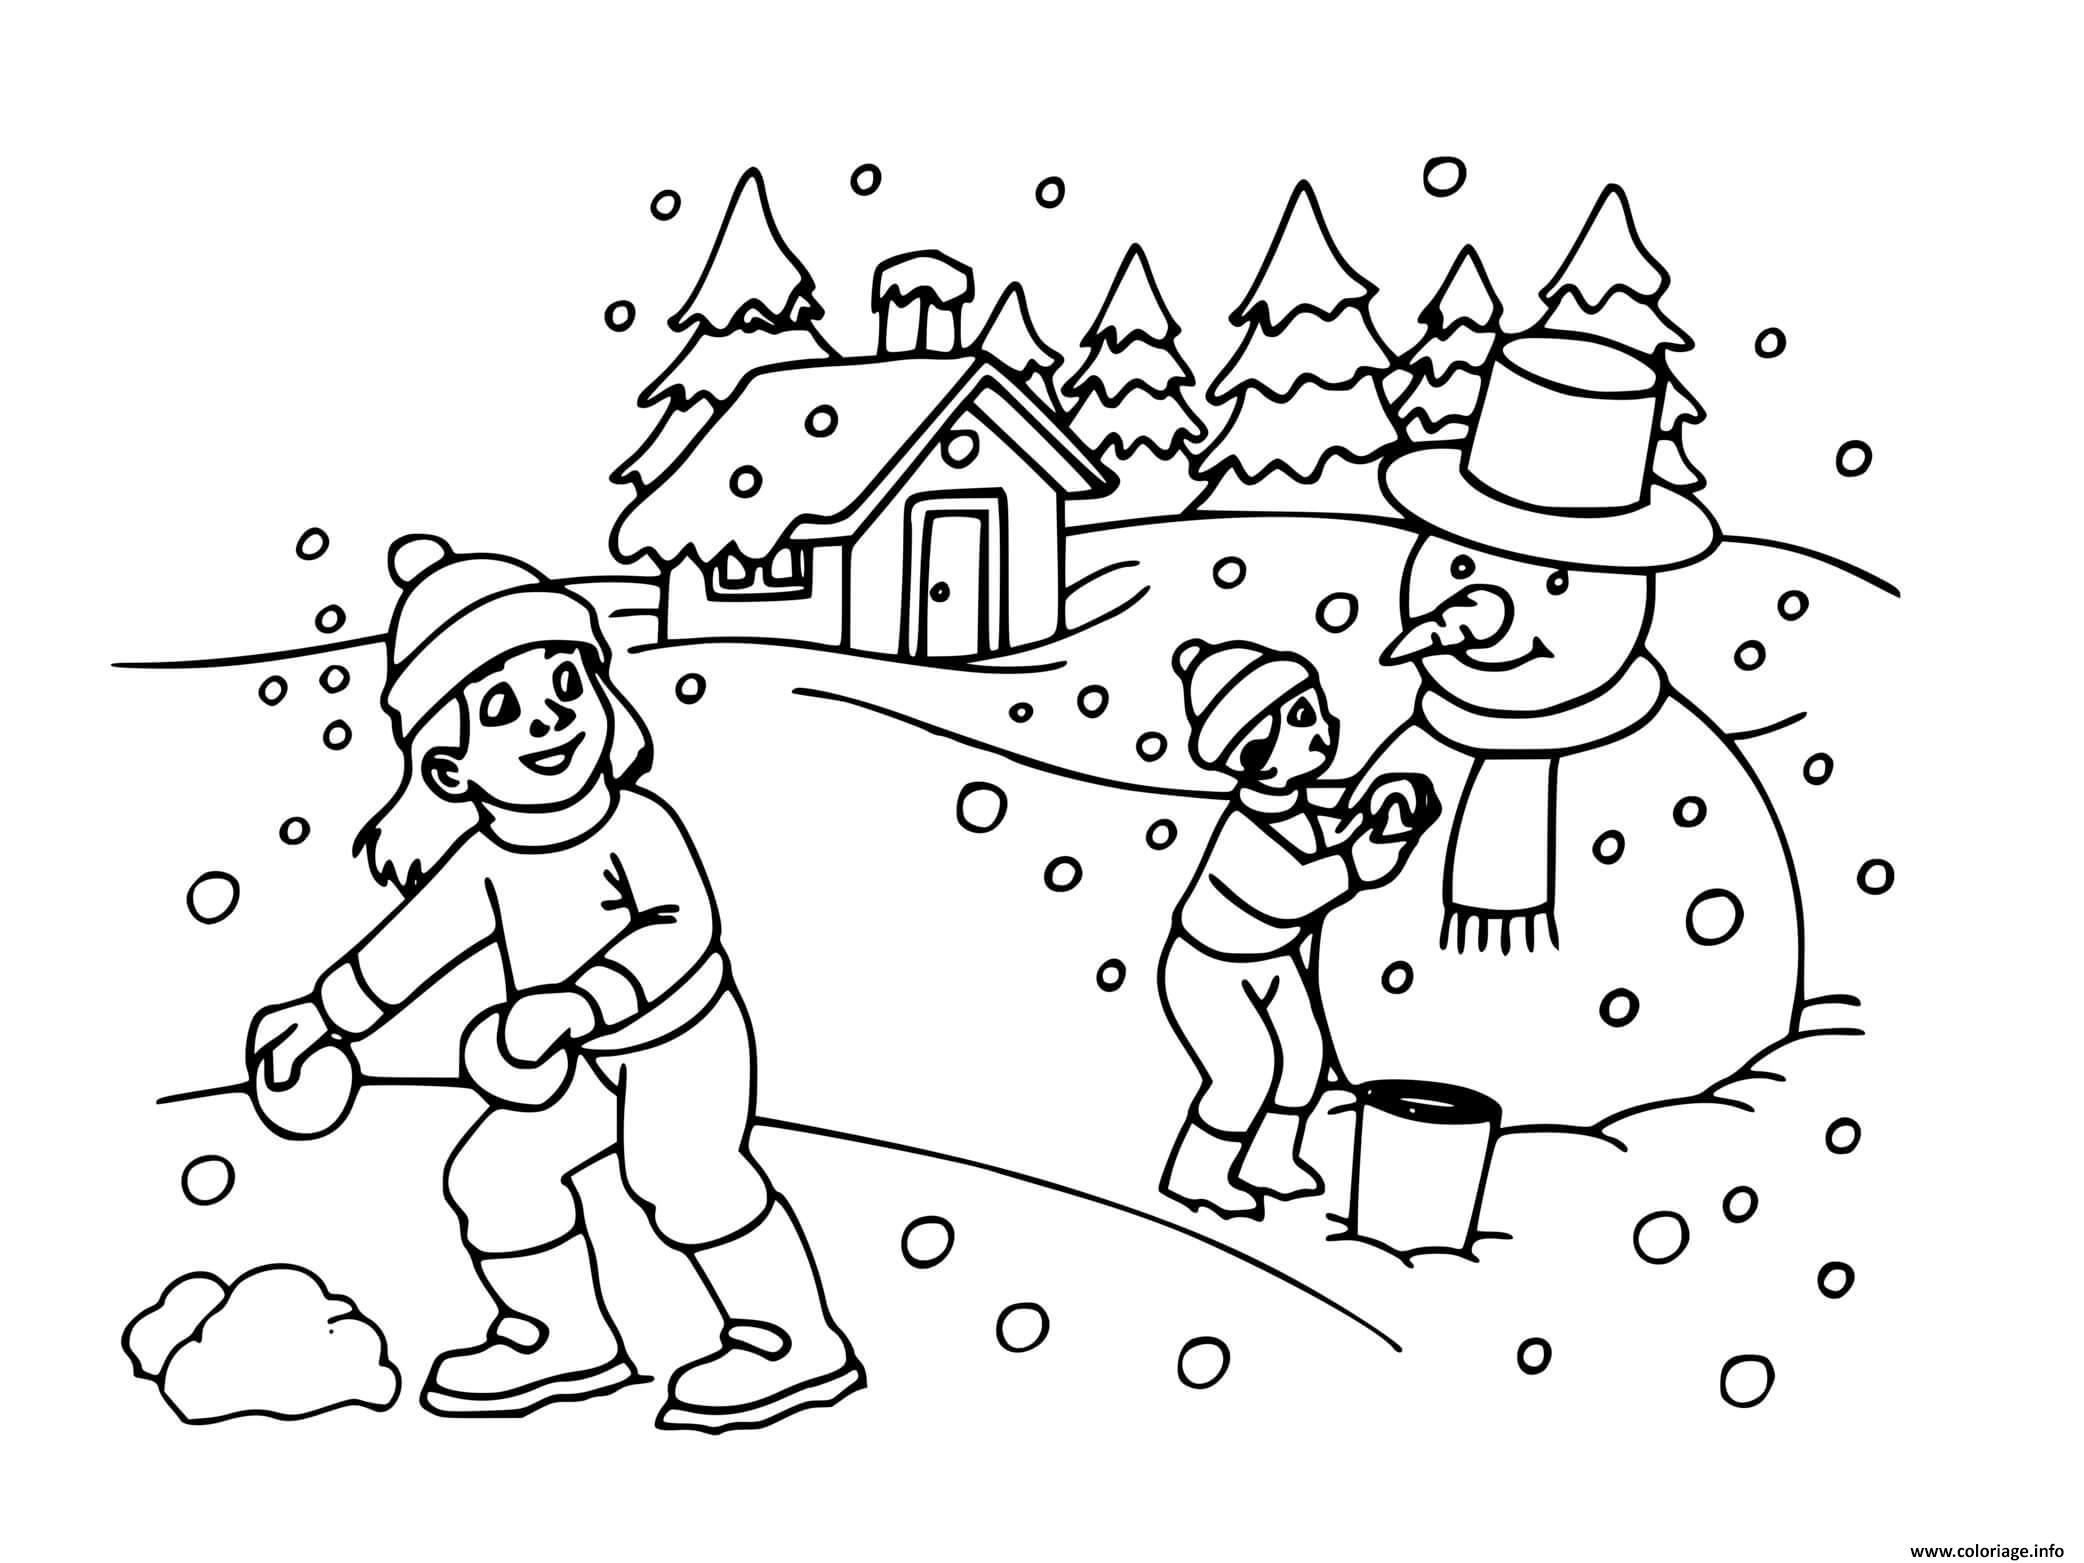 Dessin enfants maison sous la neige en hiver Coloriage Gratuit à Imprimer